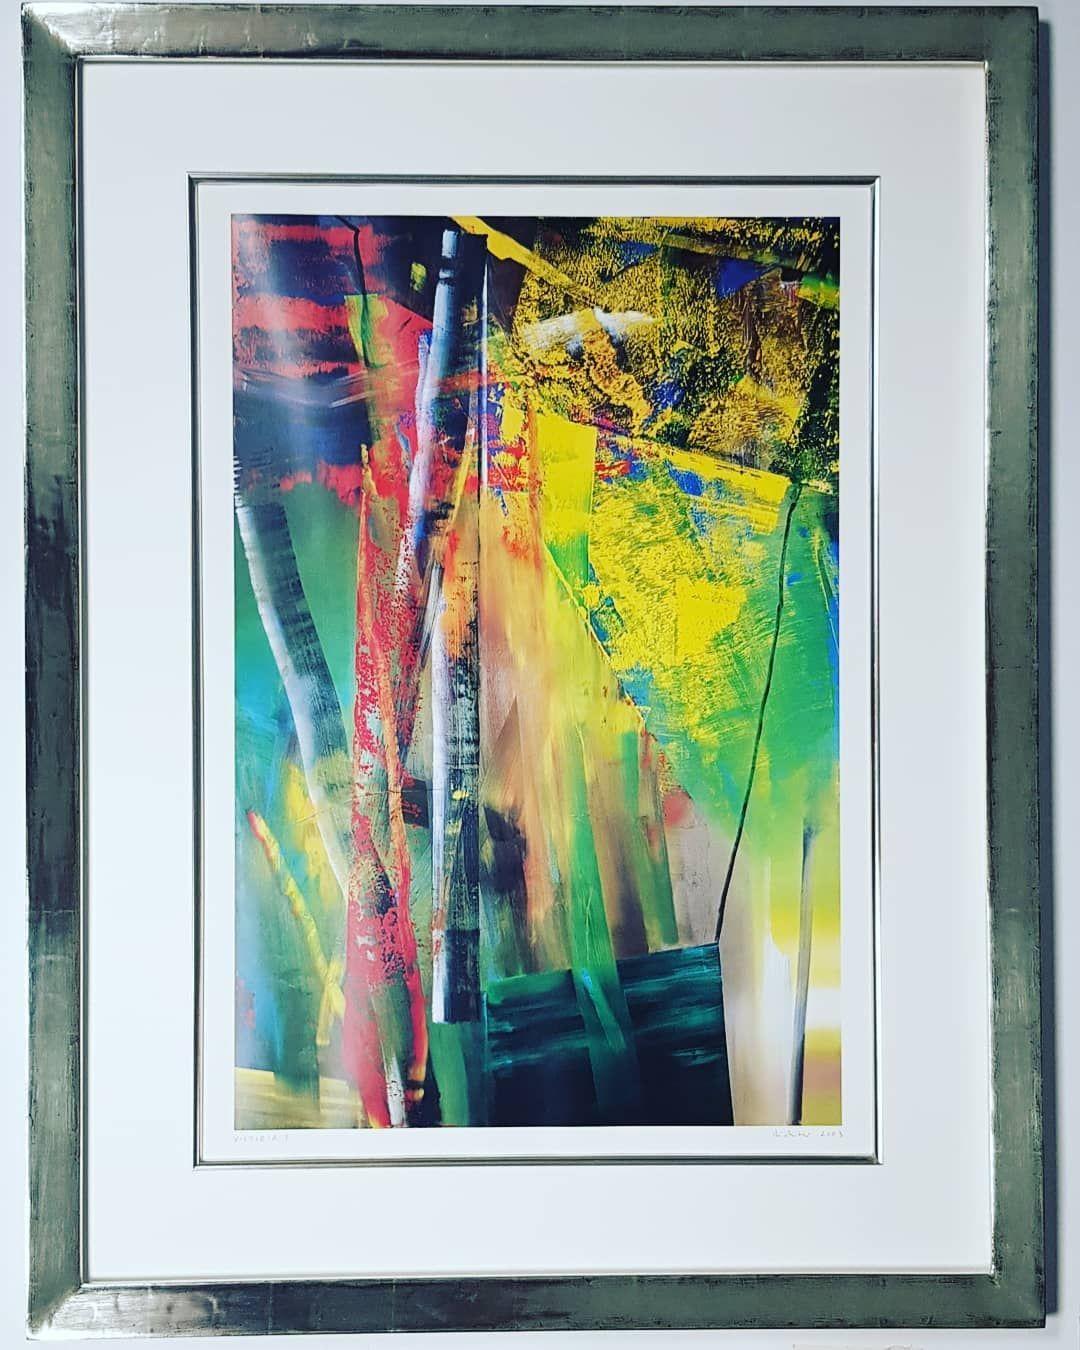 Galerie Wehr Auf Instagram Gerhardrichter Viktoria Ergo Im Galerie Wehr Modellrahmen 12ct Weissgold Unsichtbares Mirogardglas In 2020 Gerhard Richter Bilder Rahmen